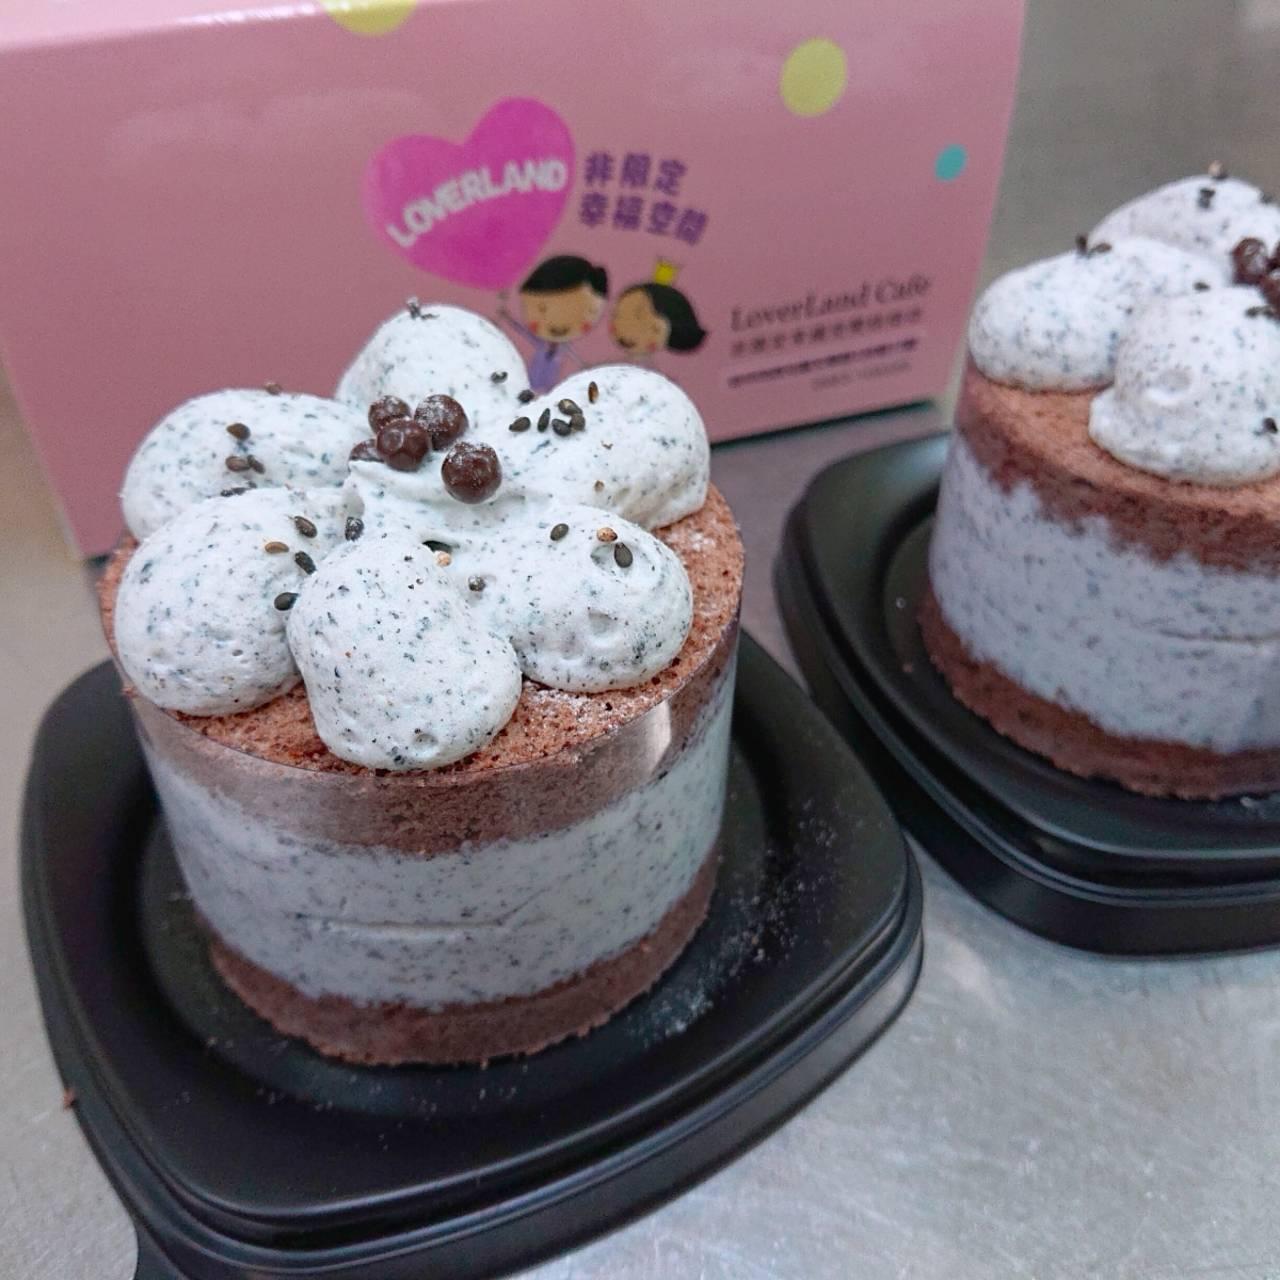 芝麻香巧克力蛋糕 (3吋蛋糕)